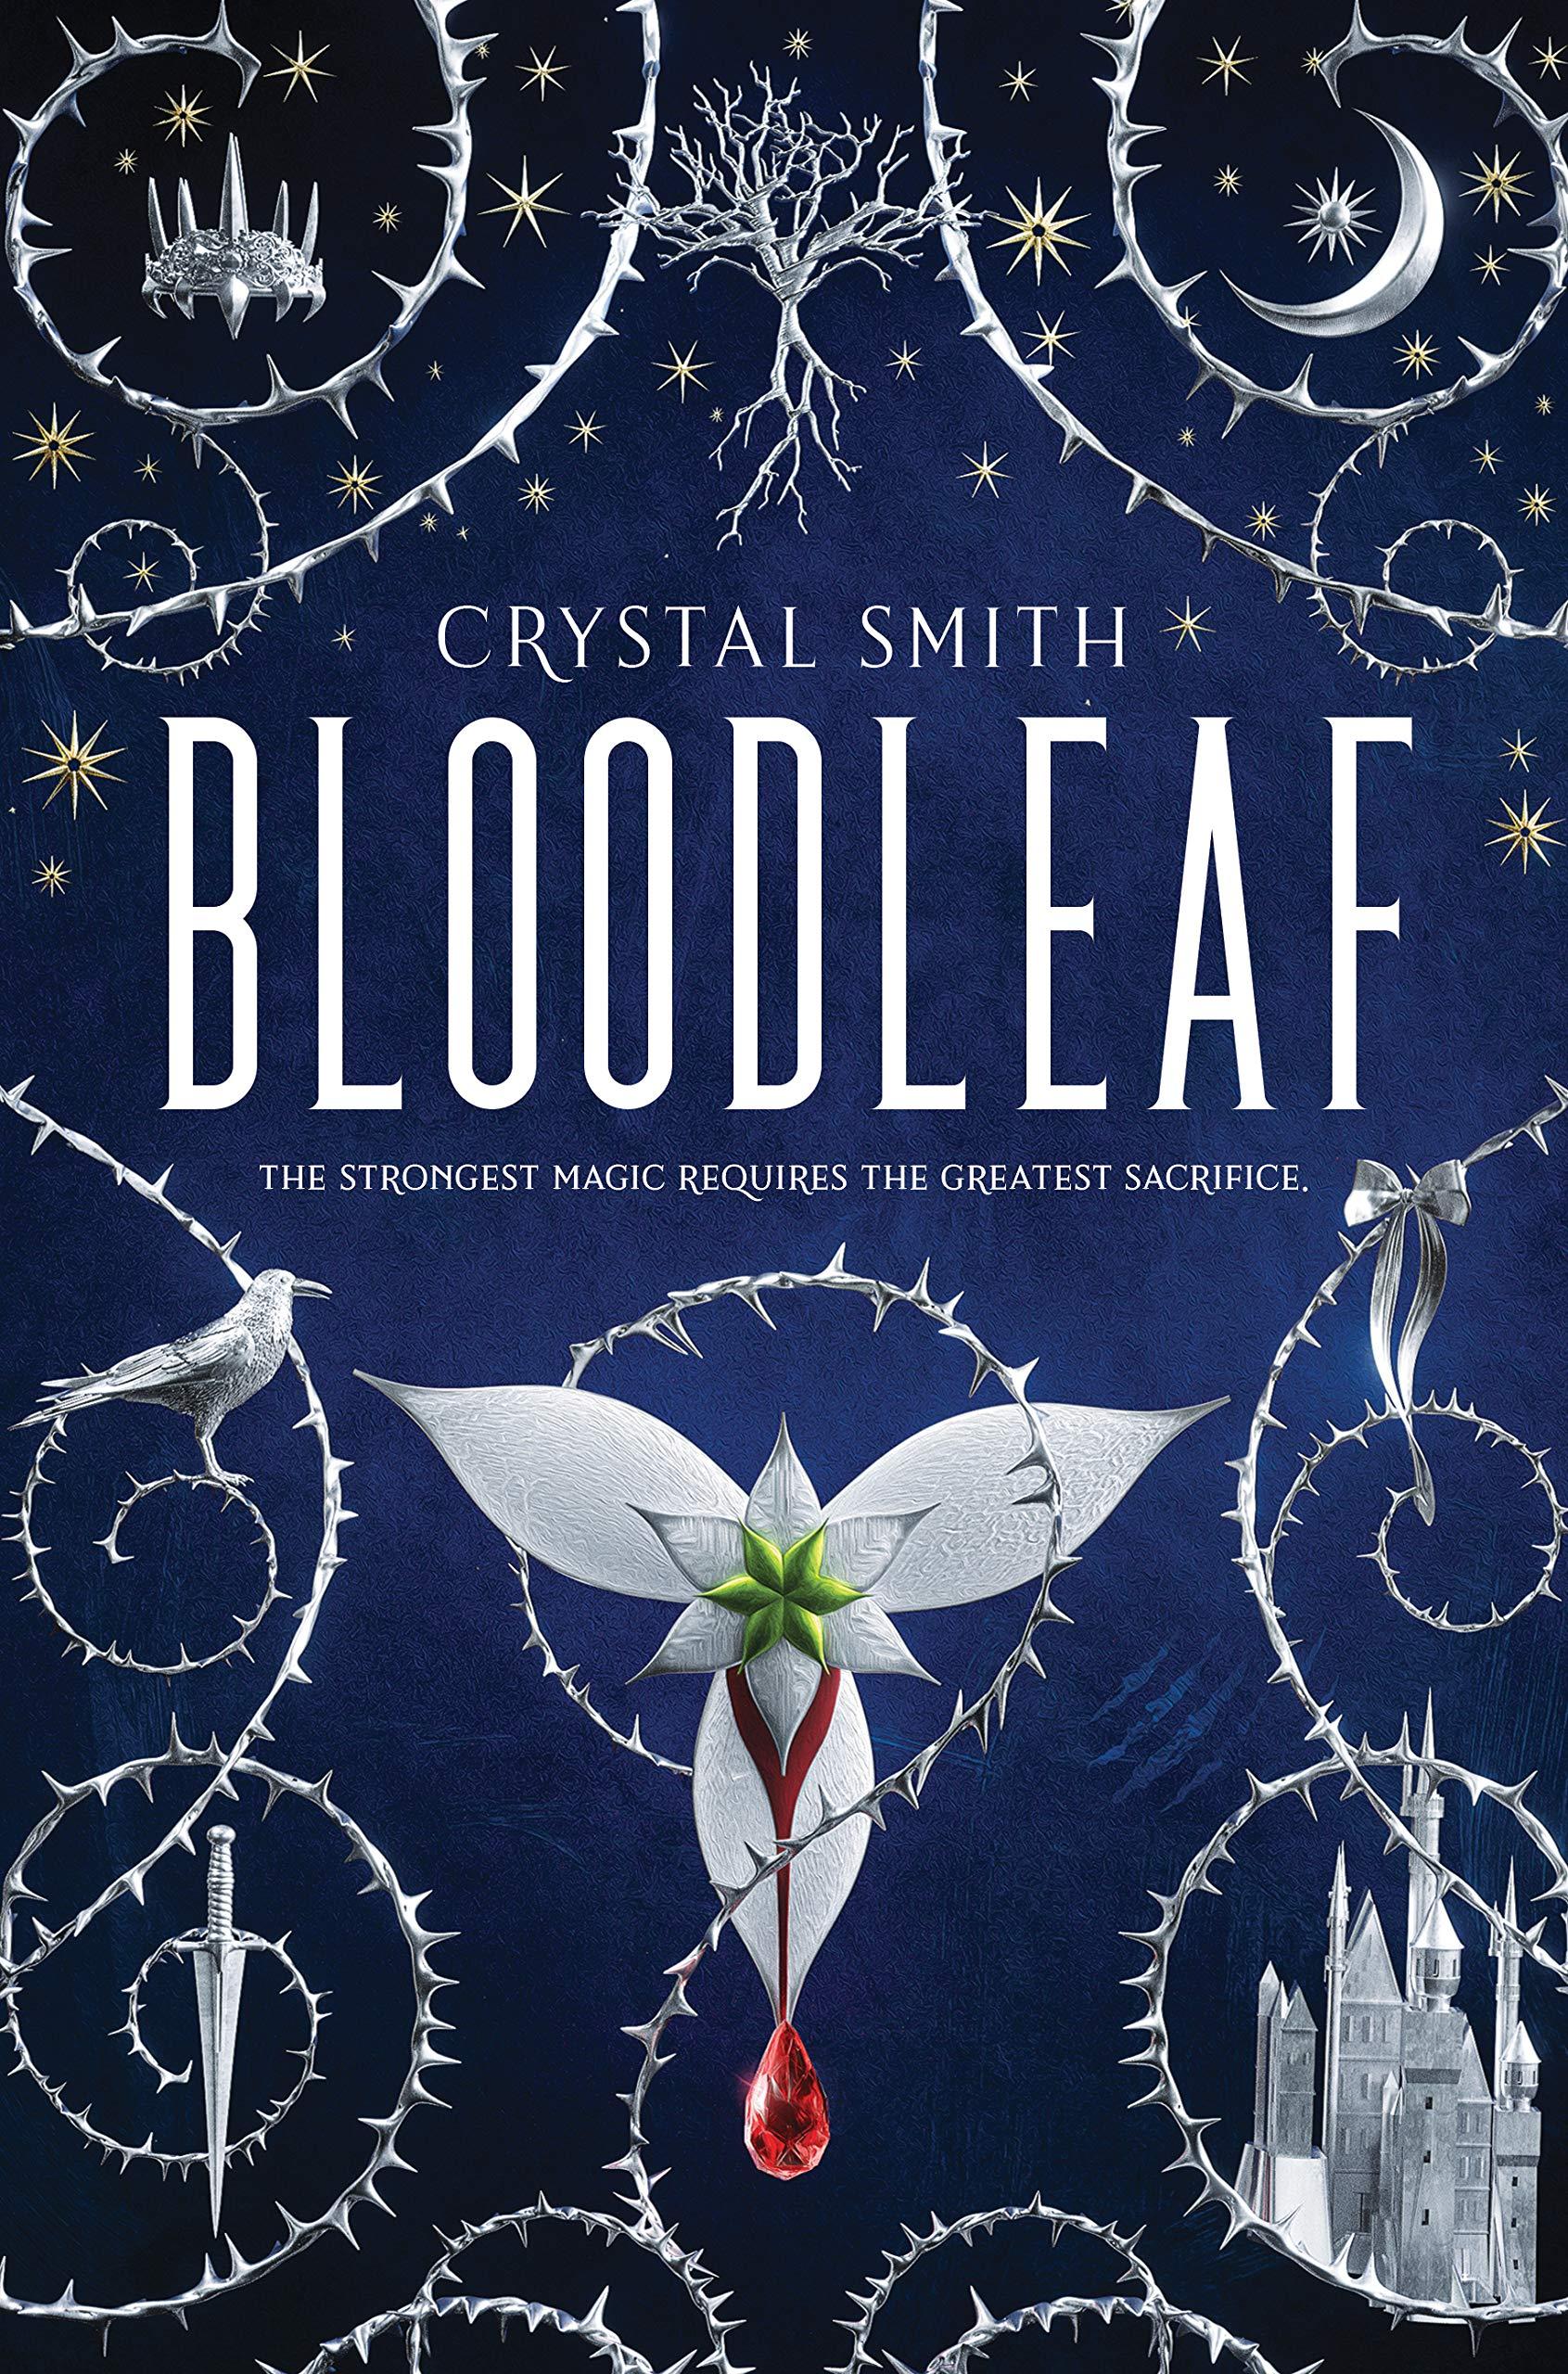 'Bloodleaf